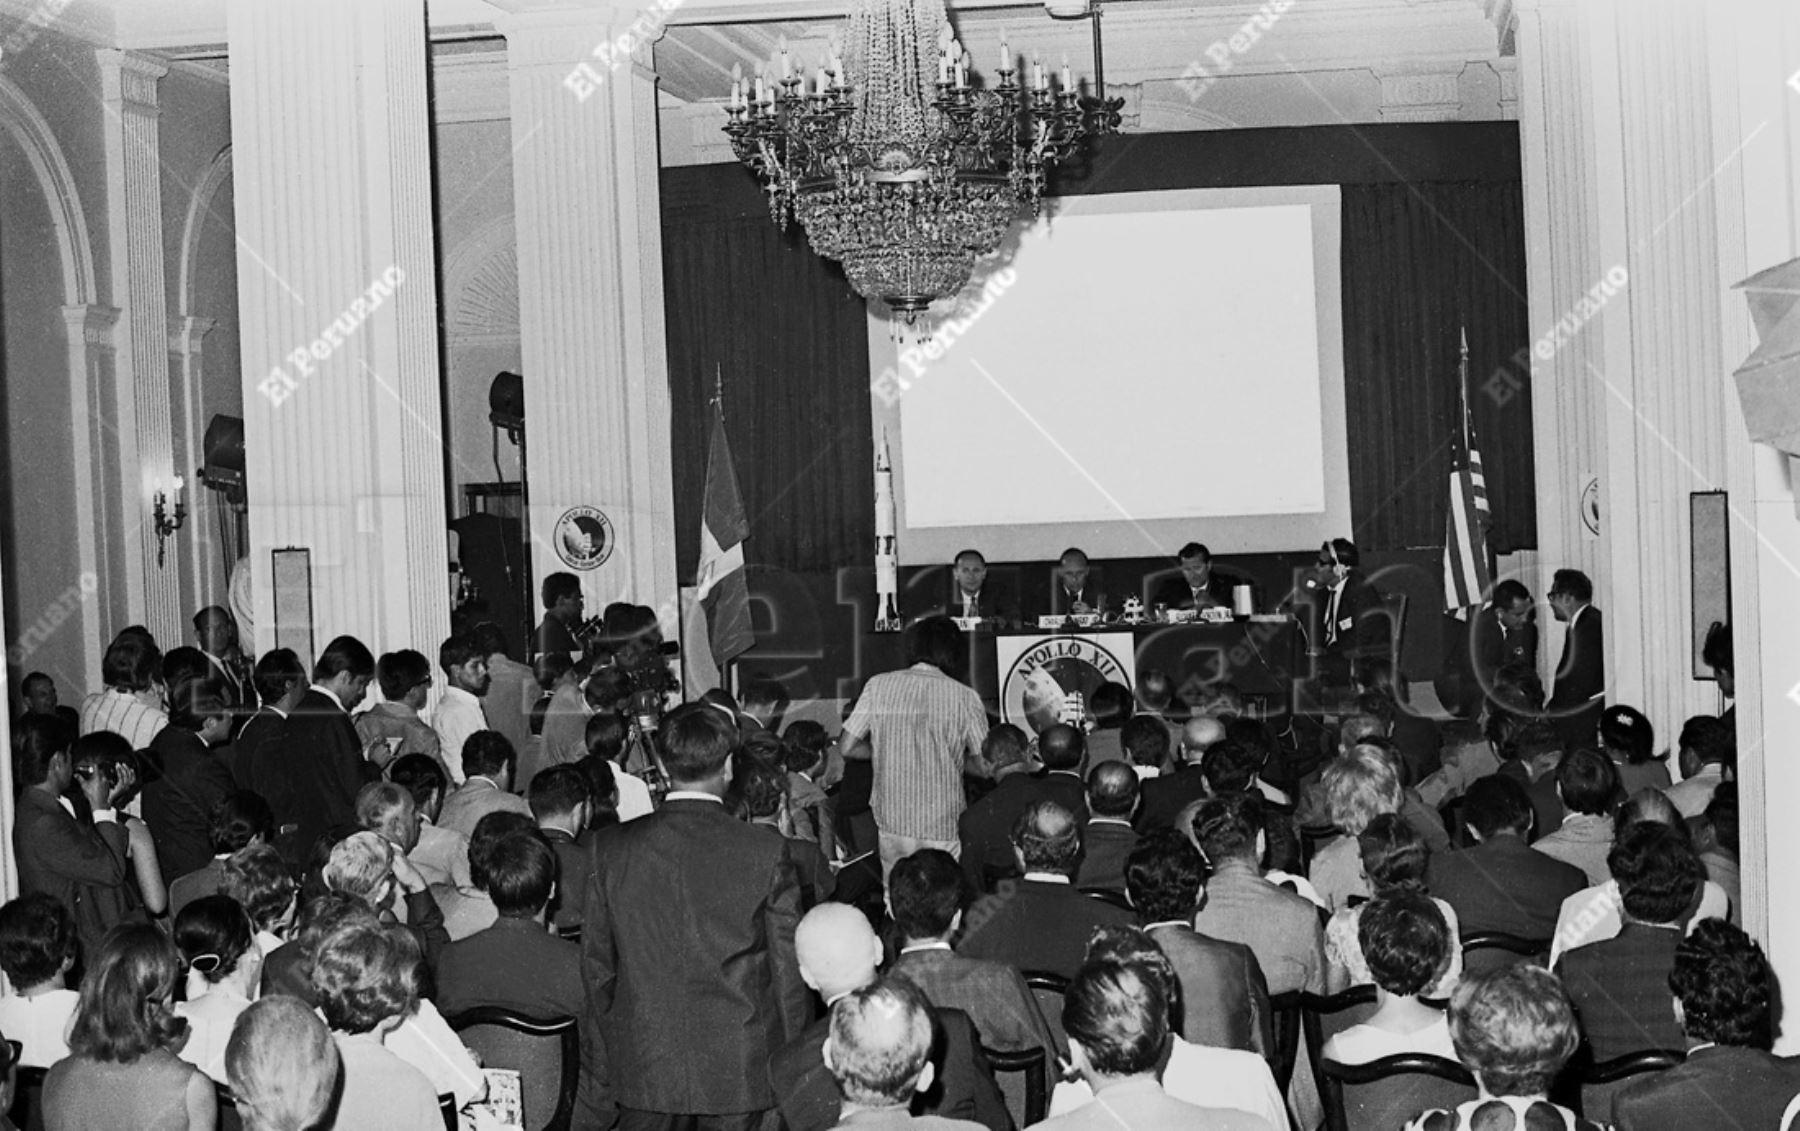 Lima - 17 febrero 1970 / Los astronautas del Apolo XII: Alan Bean, Chales Conrad y Richard Gordon ofrecieron una concurrida conferencia de prensa en el Hotel Bolívar. Los llamados héroes de la Luna realizan una visita de amistad y buena voluntad.